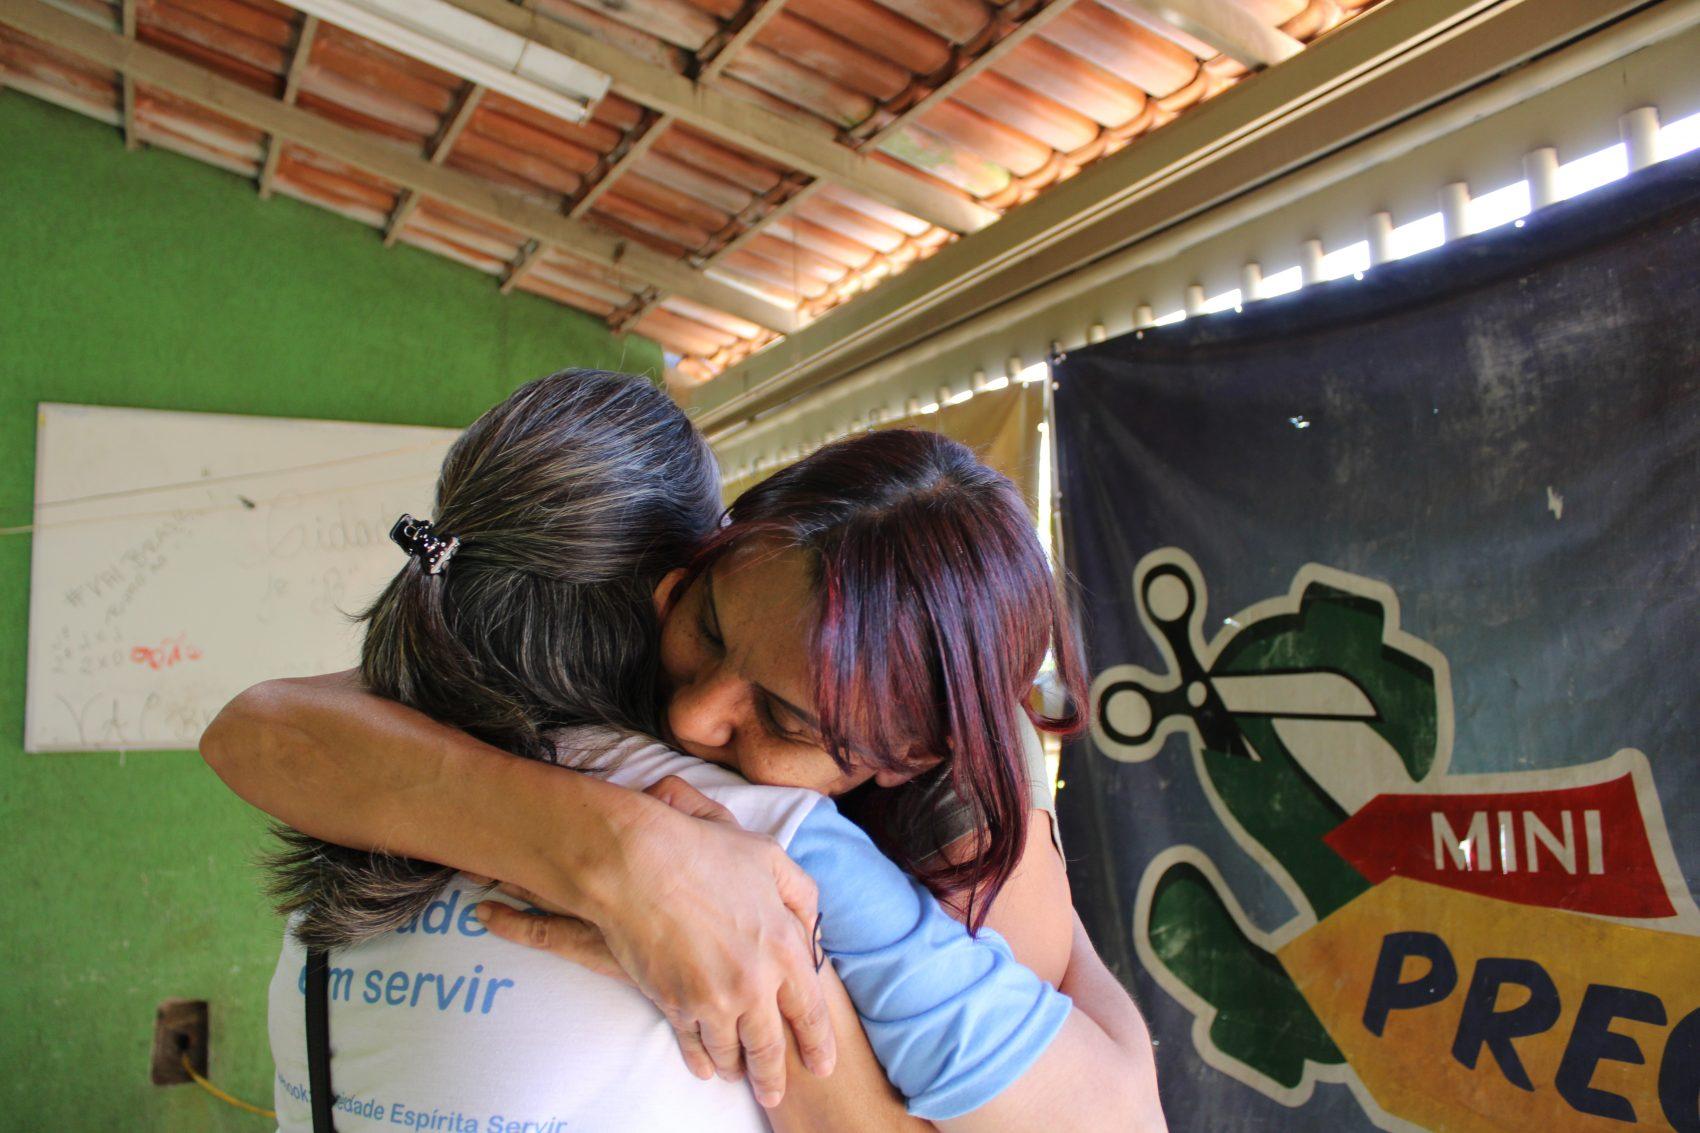 Nica recebe o abraço de integrante de ONG: para manter o abrigo, ela conta com a solidariedade (Foto: André Giusti)